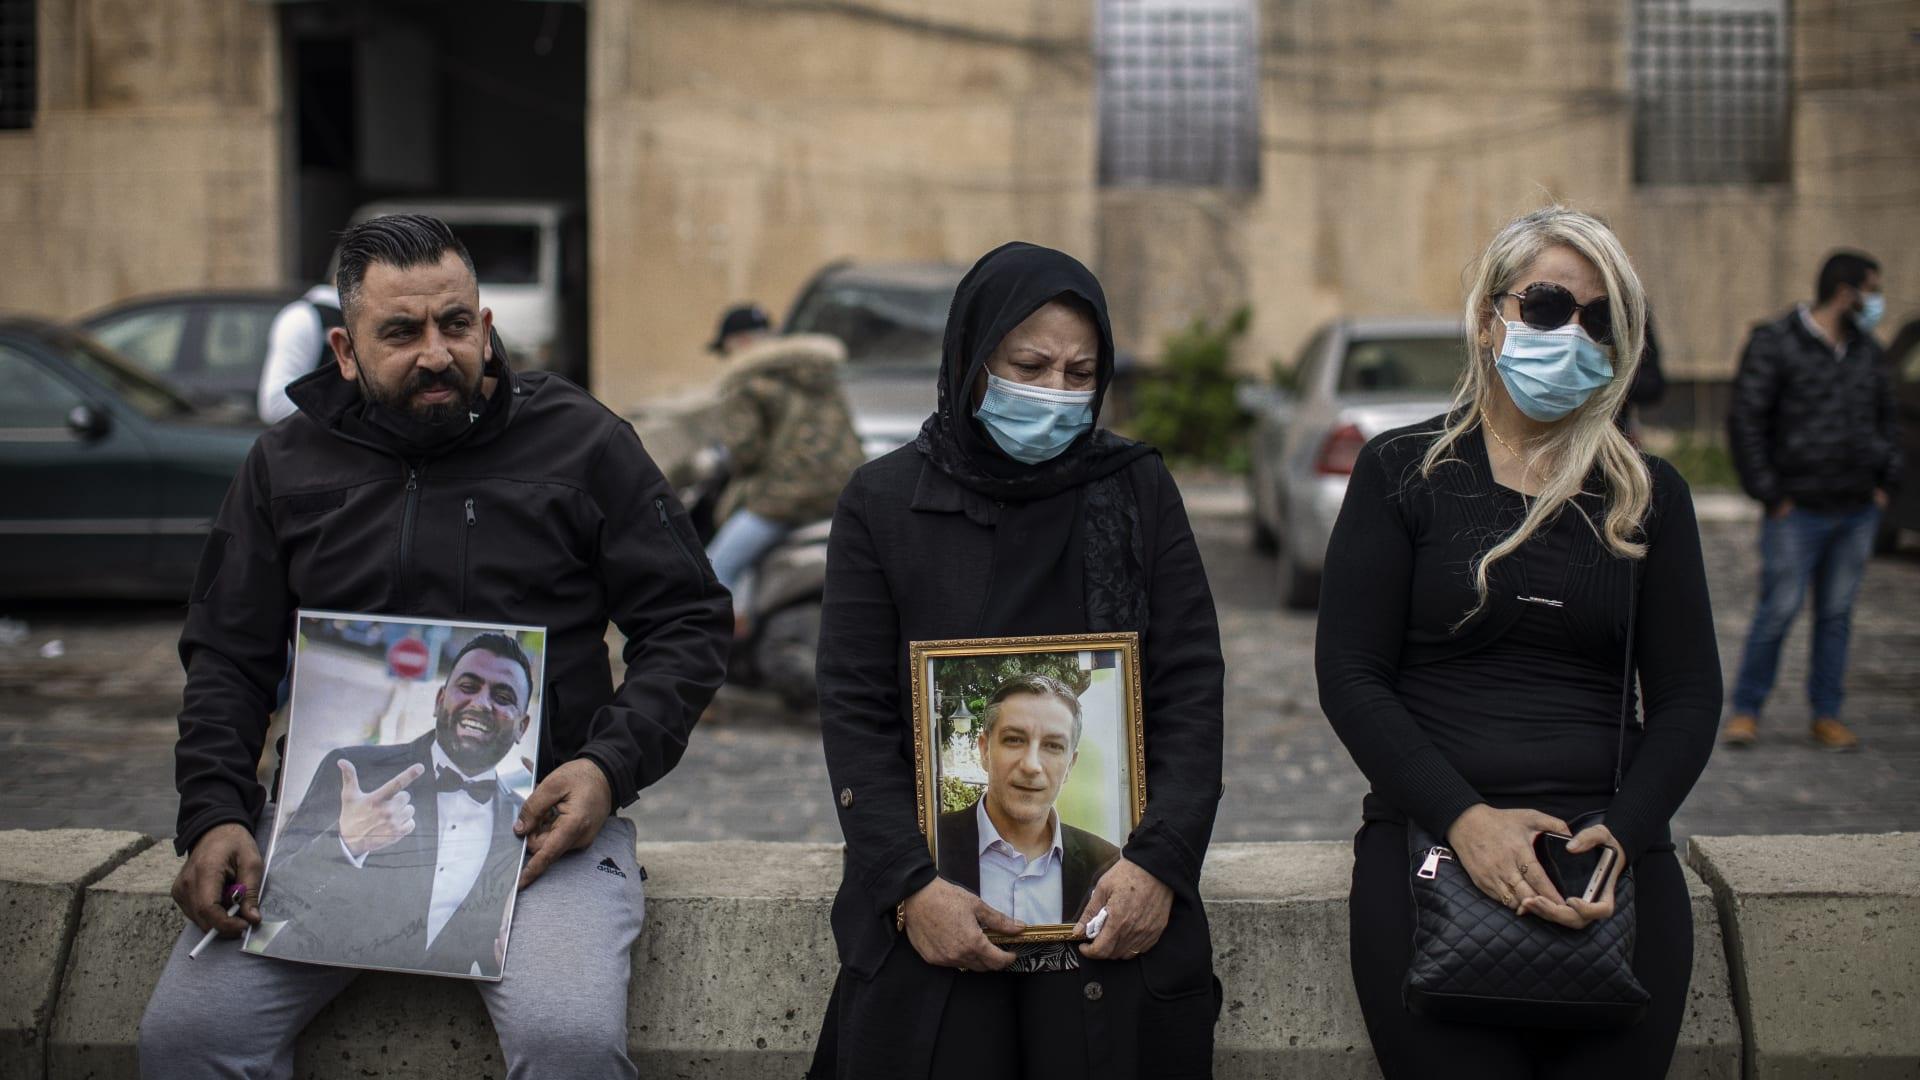 بعد أكثر من 100 يوم على انفجار بيروت.. كيف هو حال اللبنانيين الآن؟